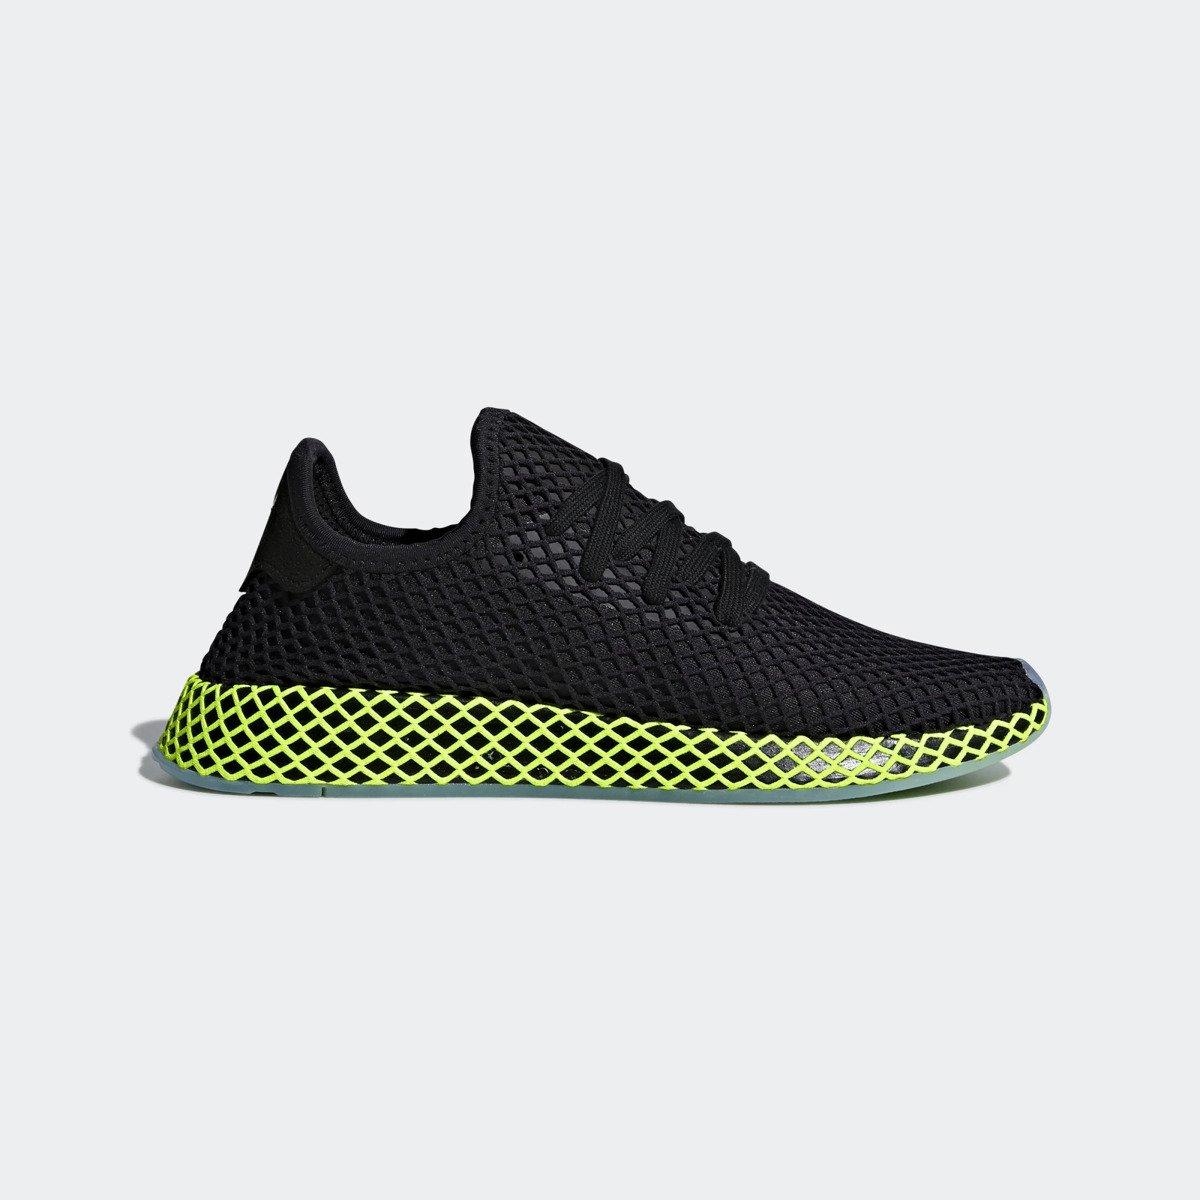 Adidas Deerupt Runner schwarzgrün B41755 Sneaker Originals Männer Schuhe